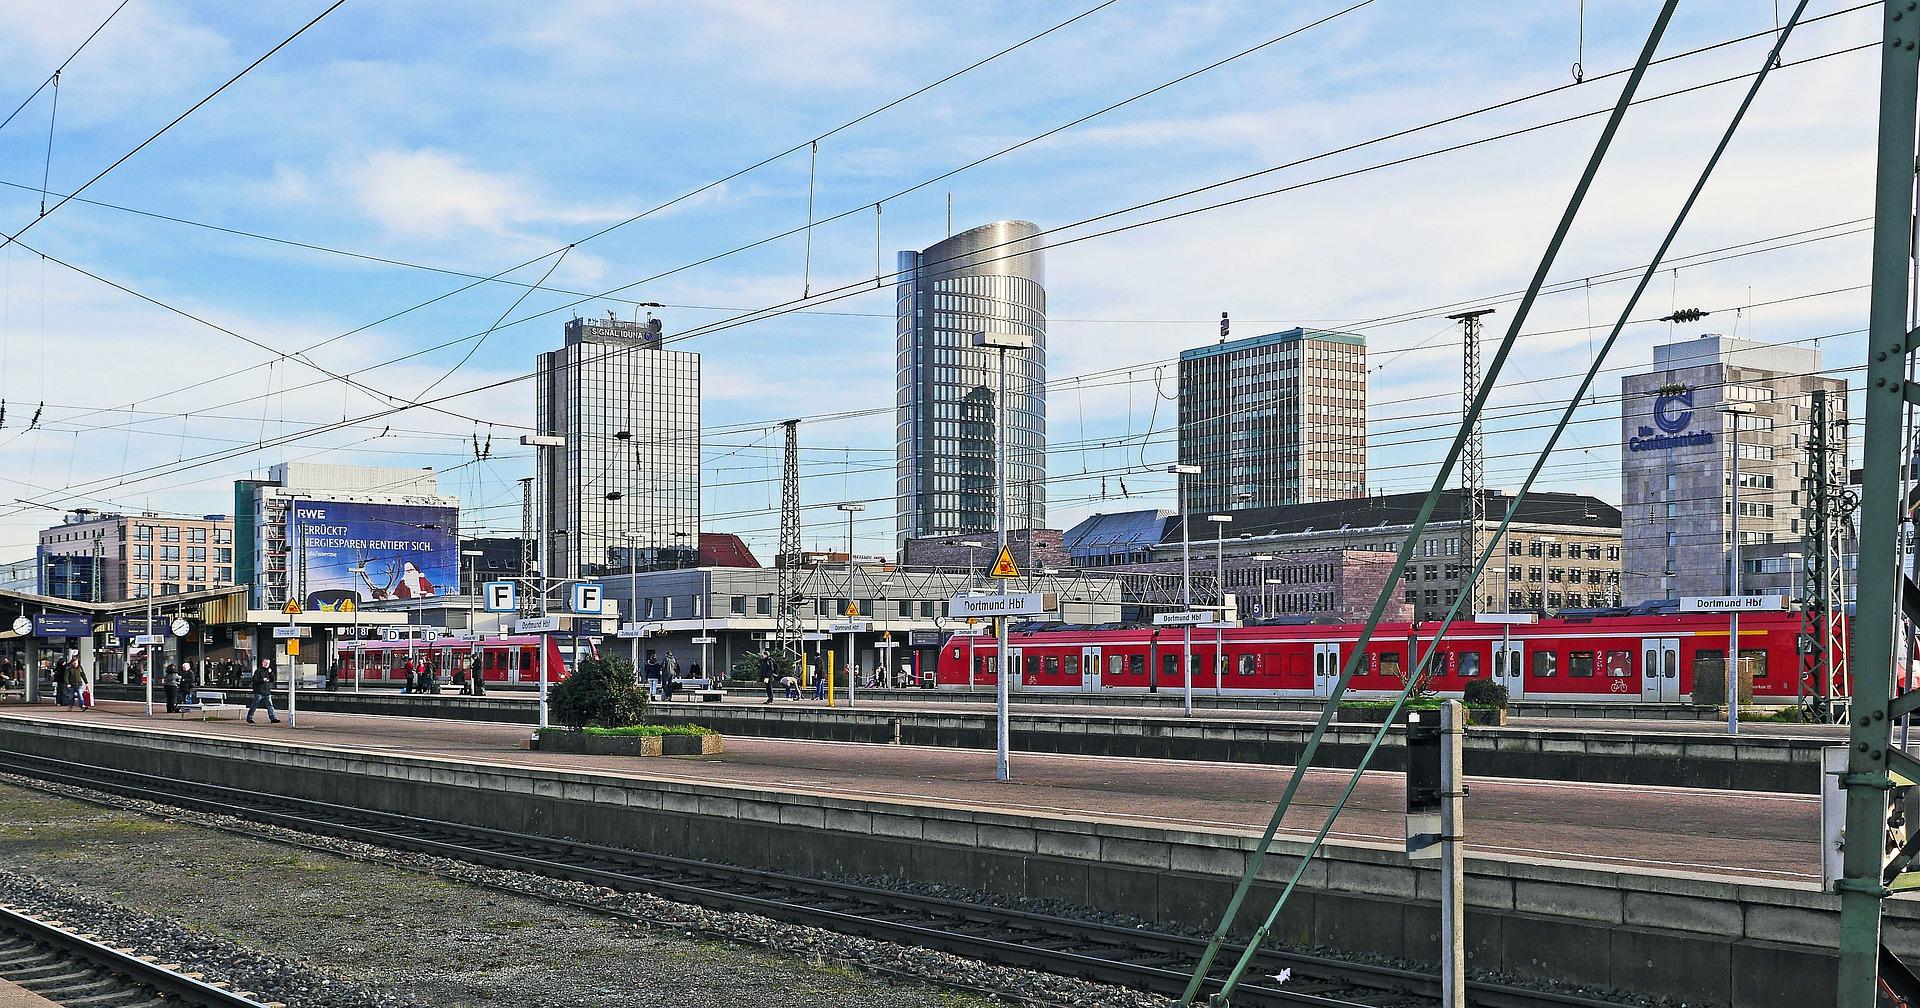 Busse statt Bahnen auf den Linien RB 52, RB 53 und RE 57